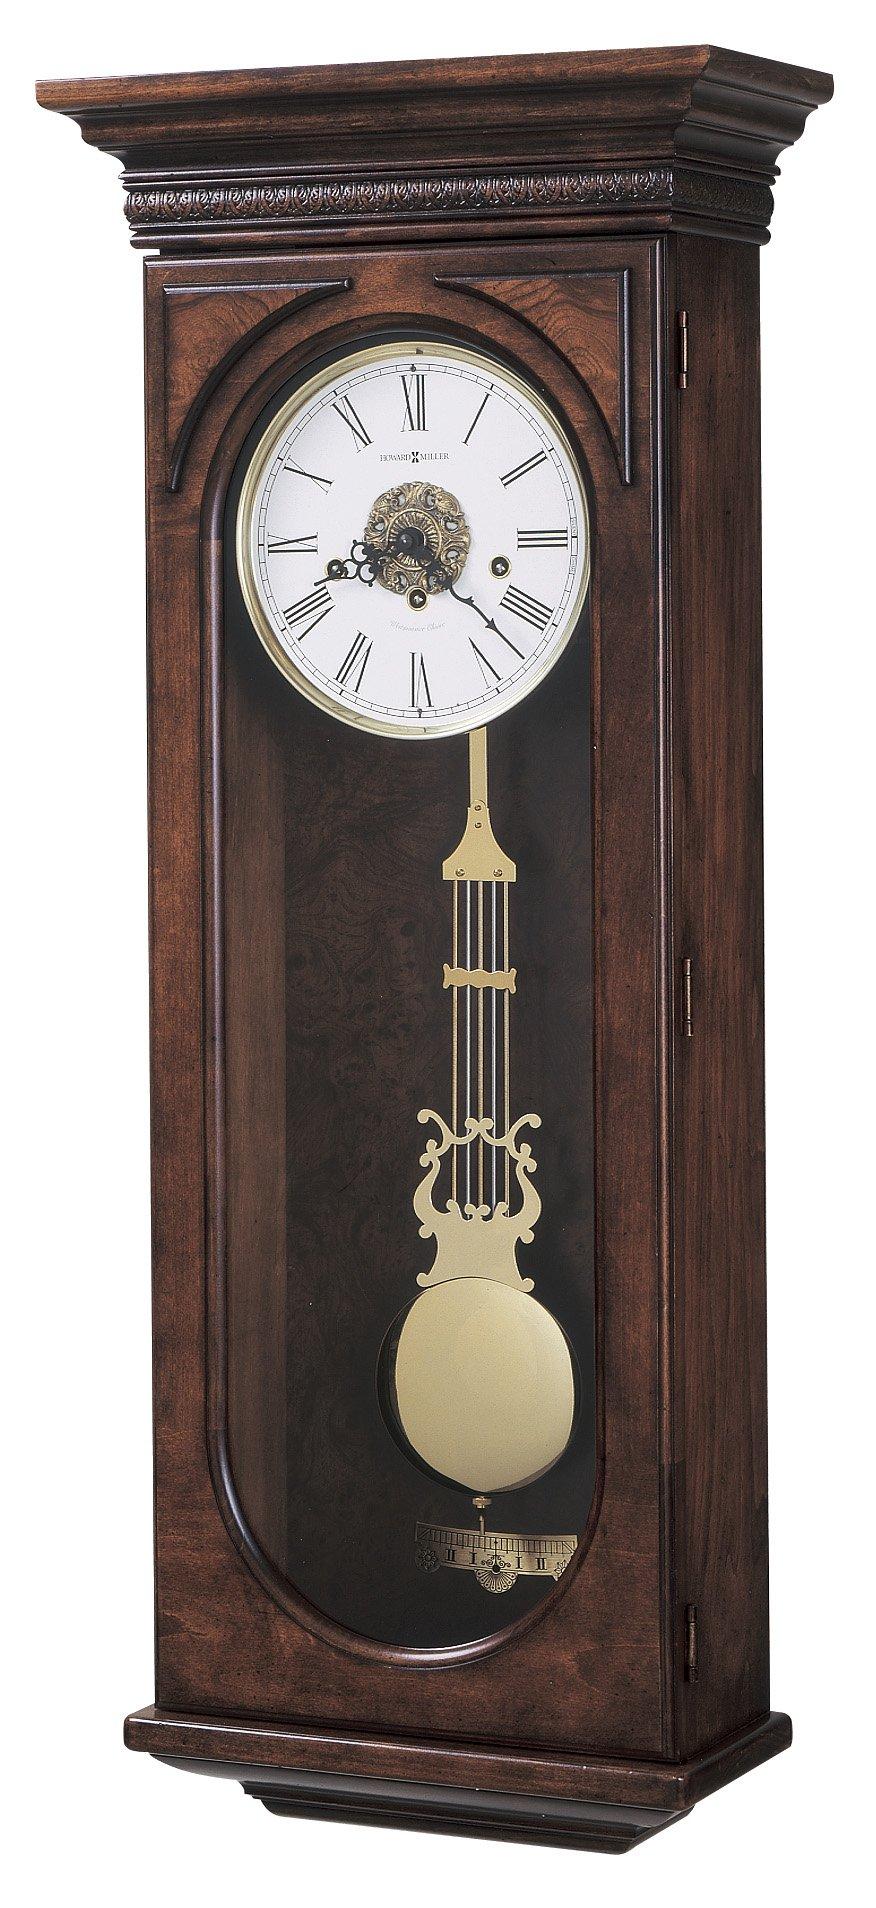 Howard Miller 620-433 Earnest Wall Clock by by Howard Miller